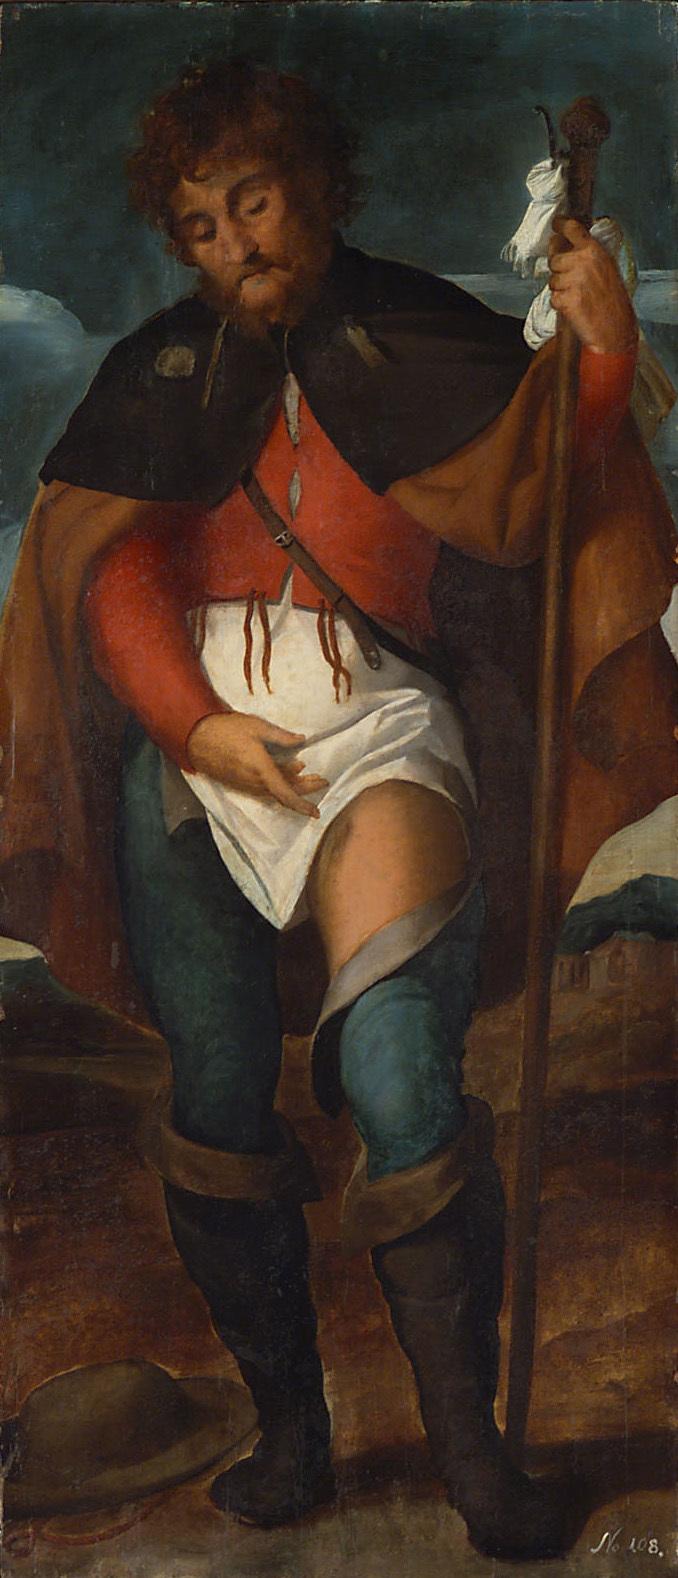 Hl. Rochus von Jacopo Negretti, gen. Palma il Vecchio